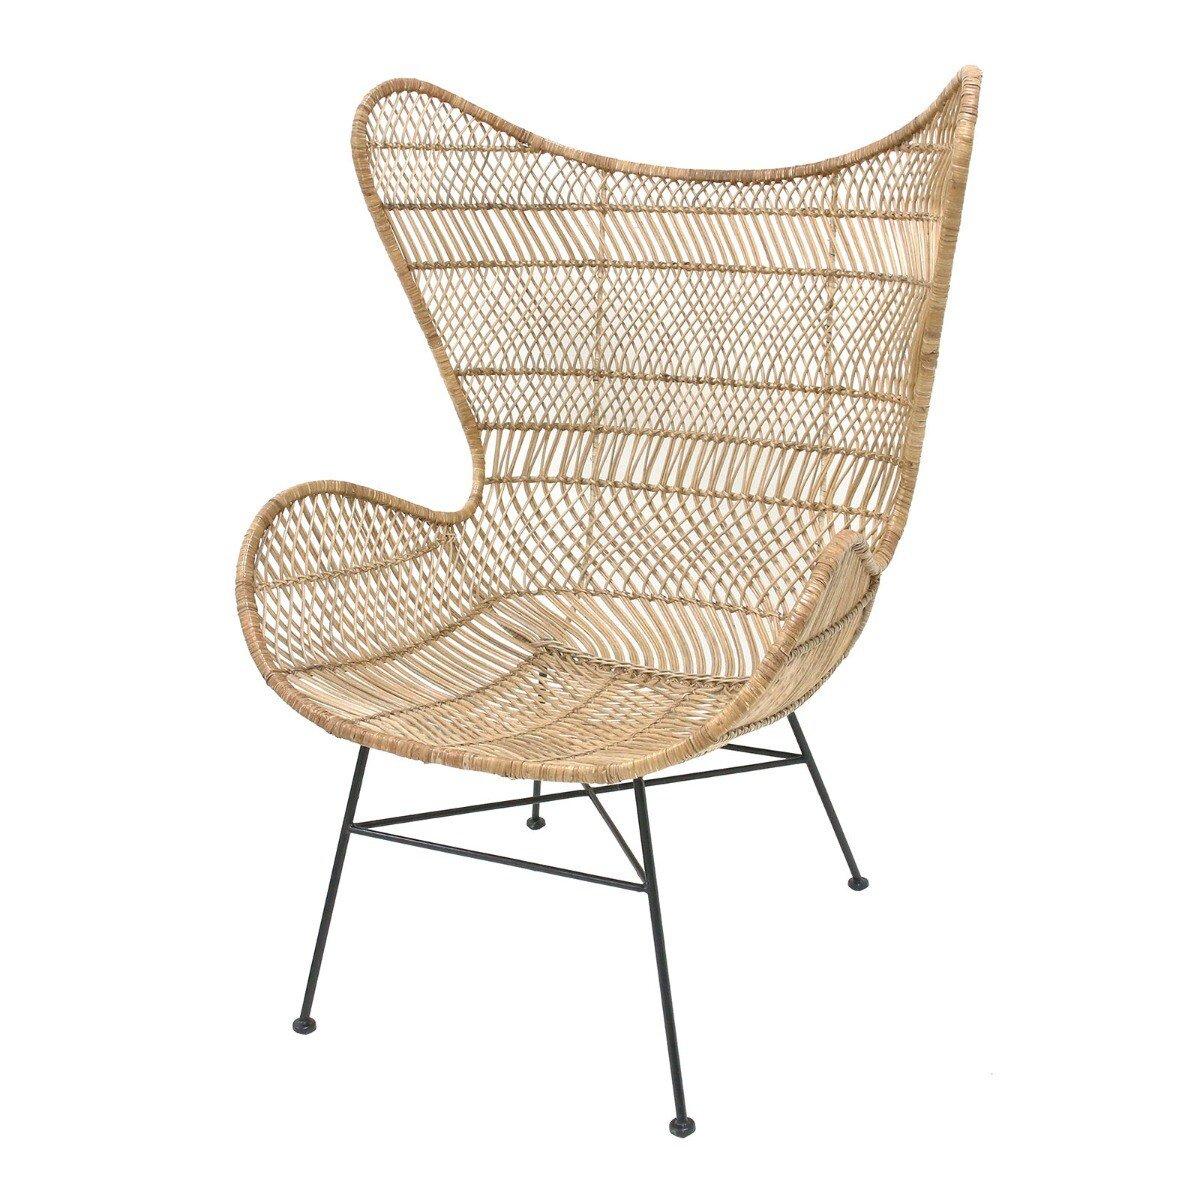 HKliving fauteuil bohemian rotan naturel 110 x 74 x 82